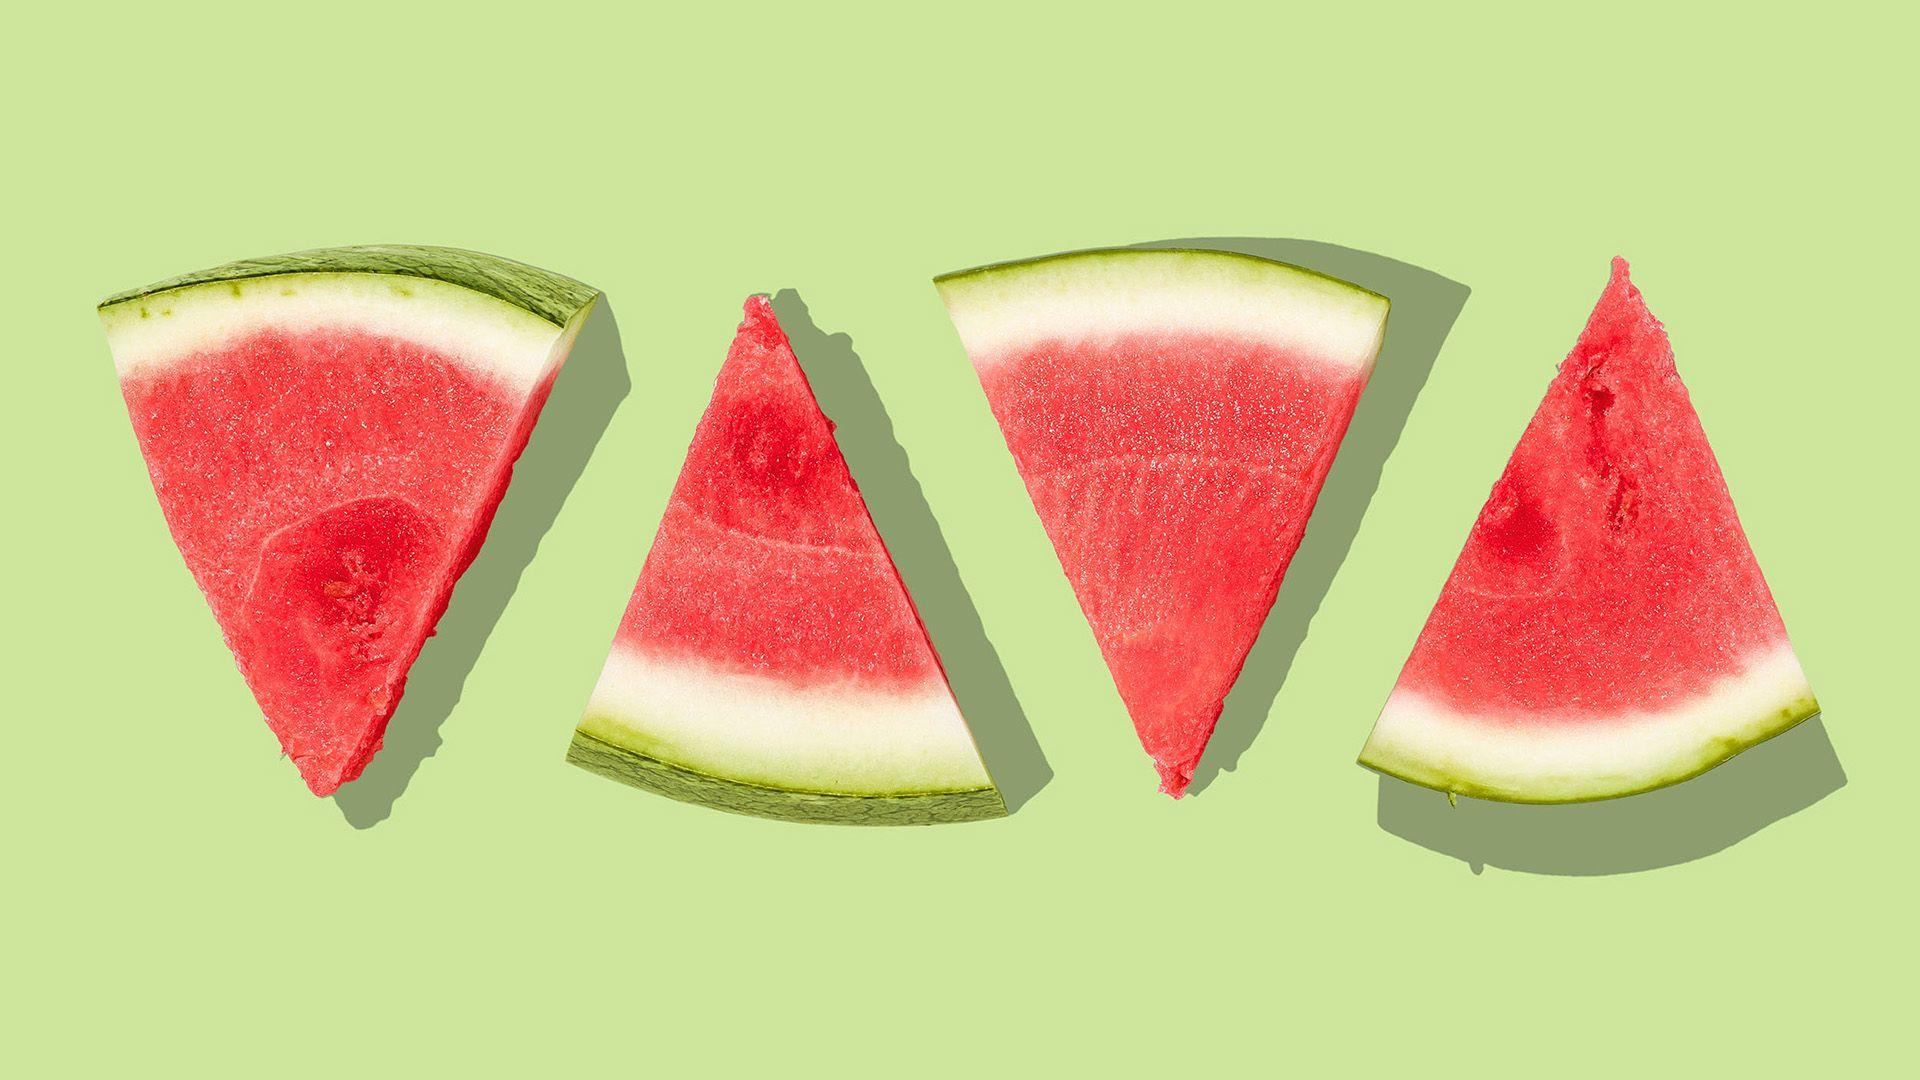 Fire vannmelonbiter på rad skåret opp som trekanter, på grønn bakgrunn. Illustrasjonsbilde til sak om performance marketing for markedsføringsbyrået Elg.